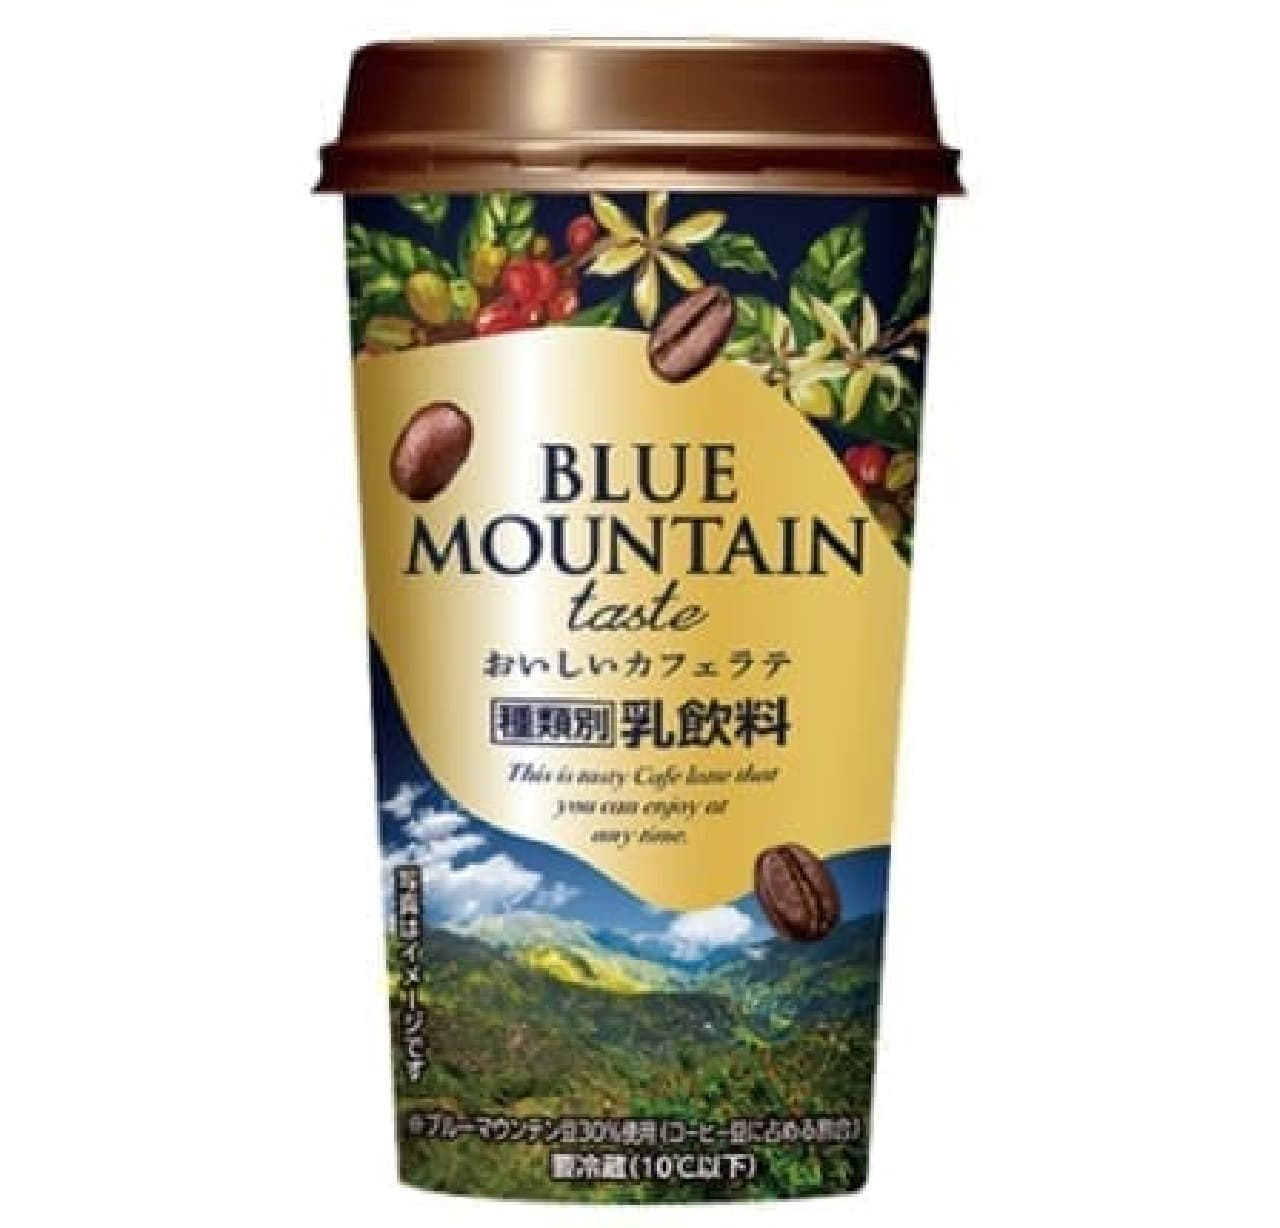 ファミリーマート「BLUE MOUNTAIN おいしいカフェラテ」